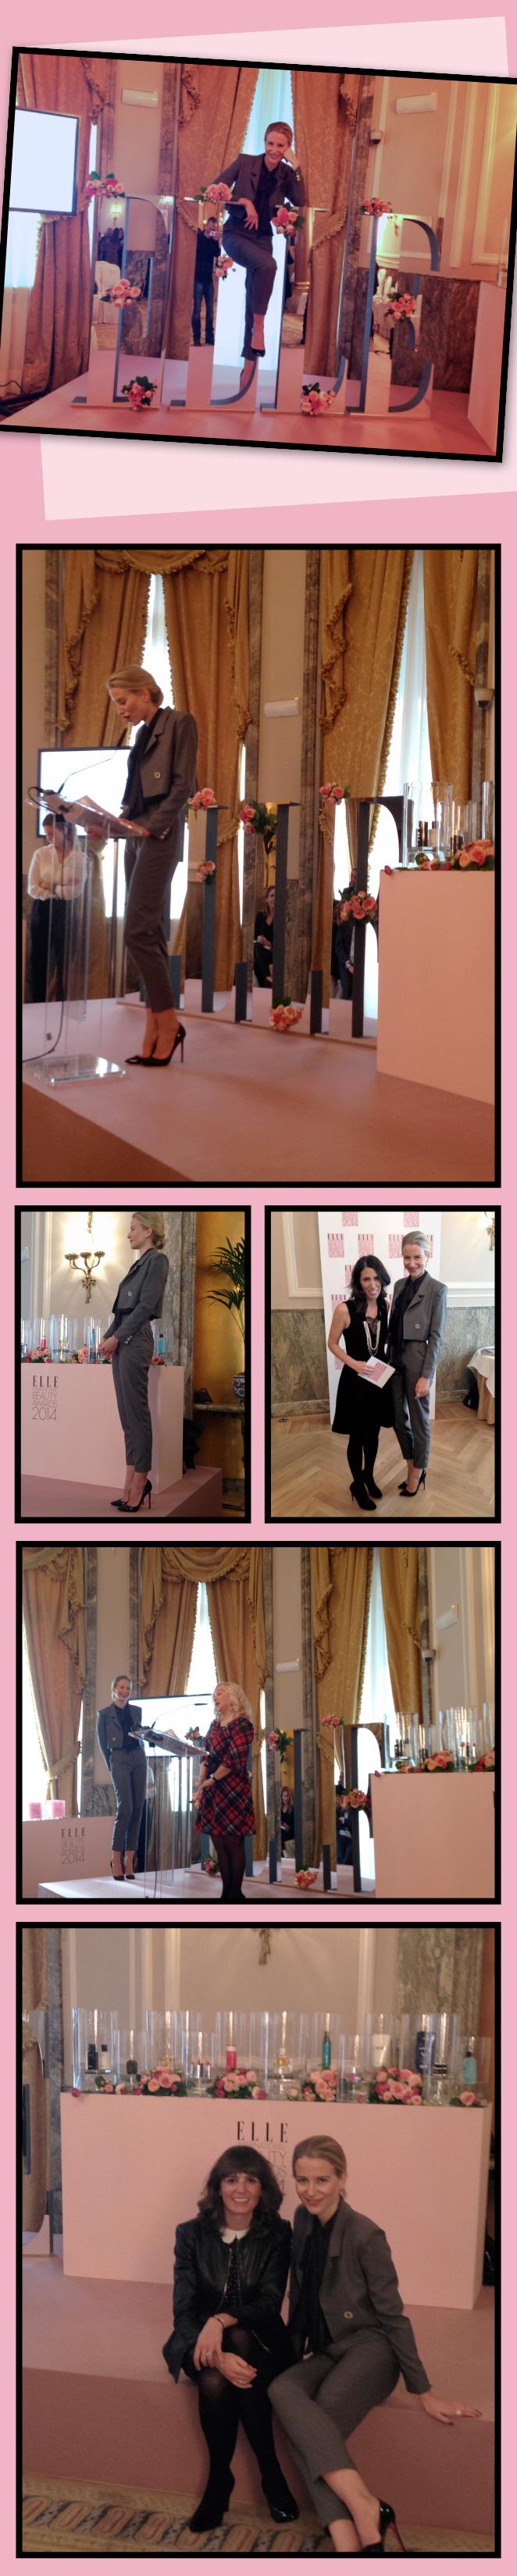 María León tuvo el honor de presentar los Elle International Beauty Awards 2014 en el Hotel Ritz.